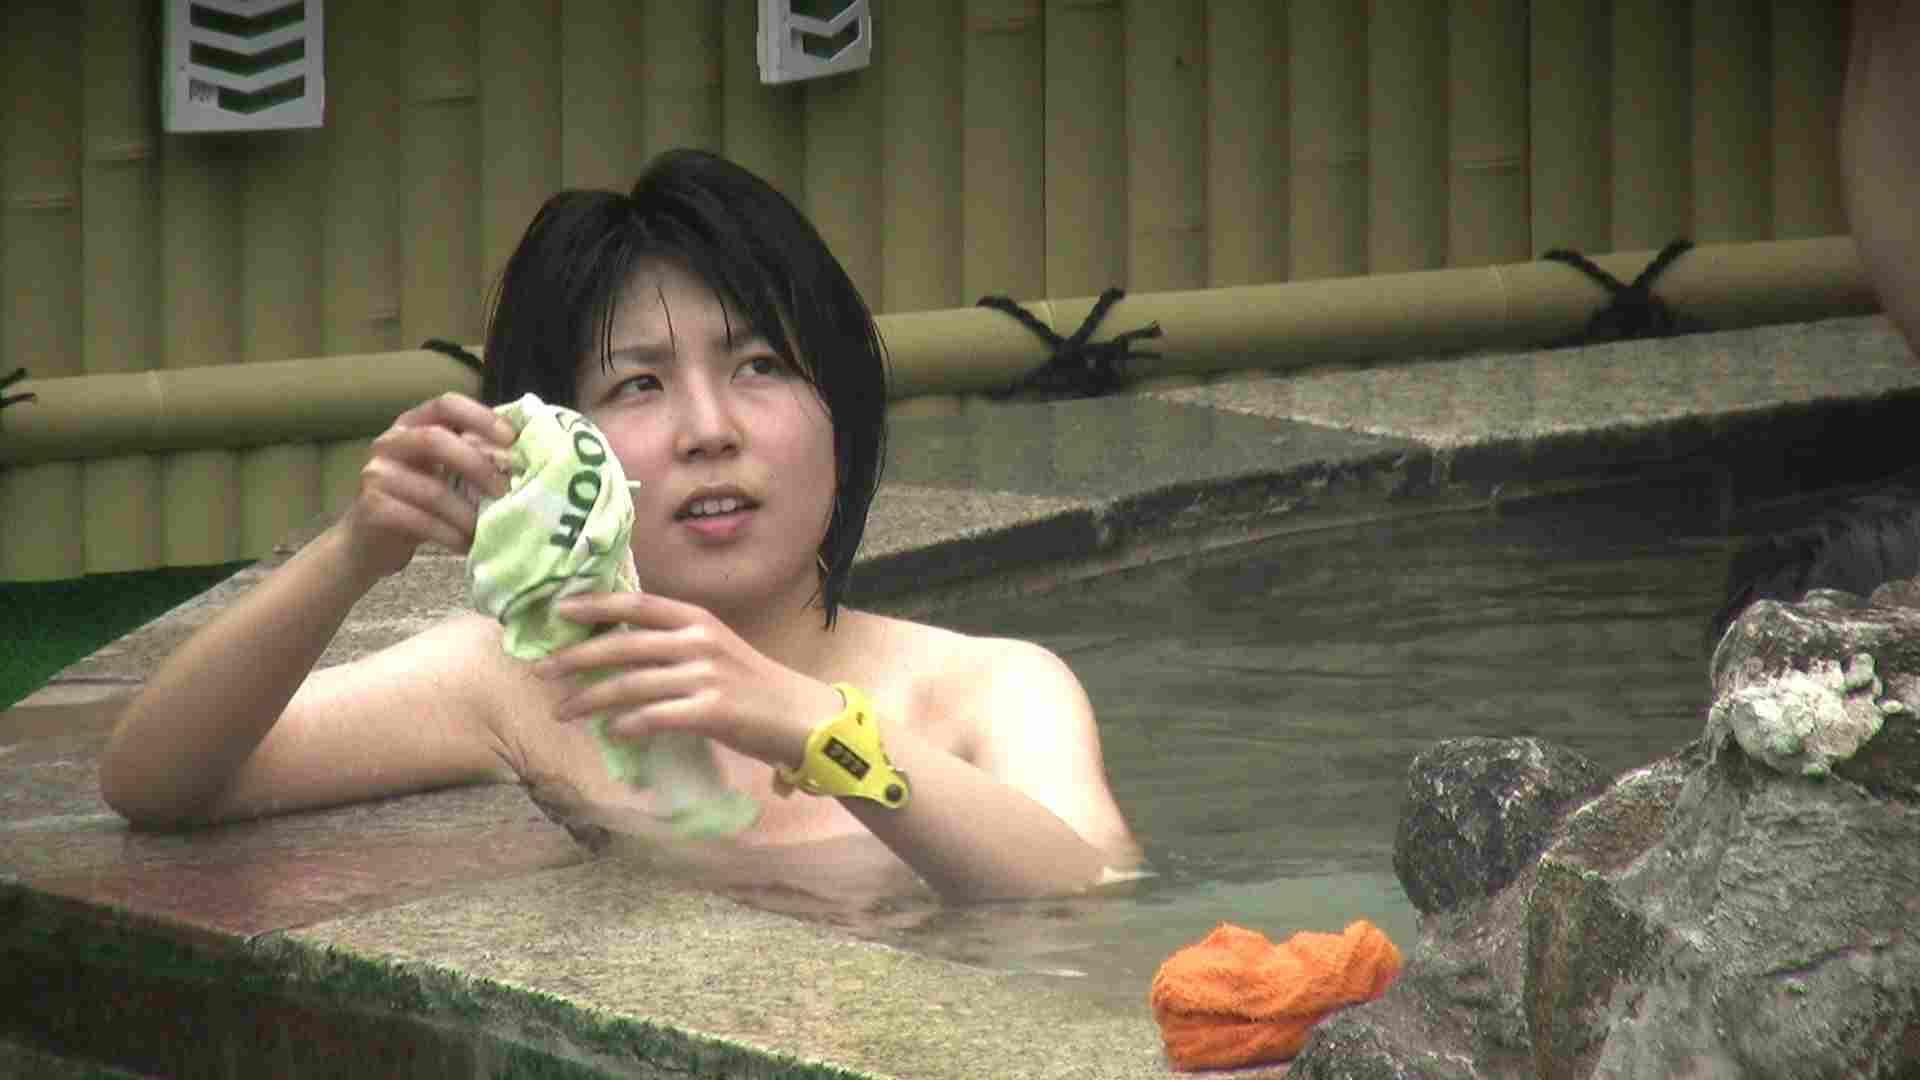 Aquaな露天風呂Vol.188 盗撮師作品 | 美しいOLの裸体  105pic 55